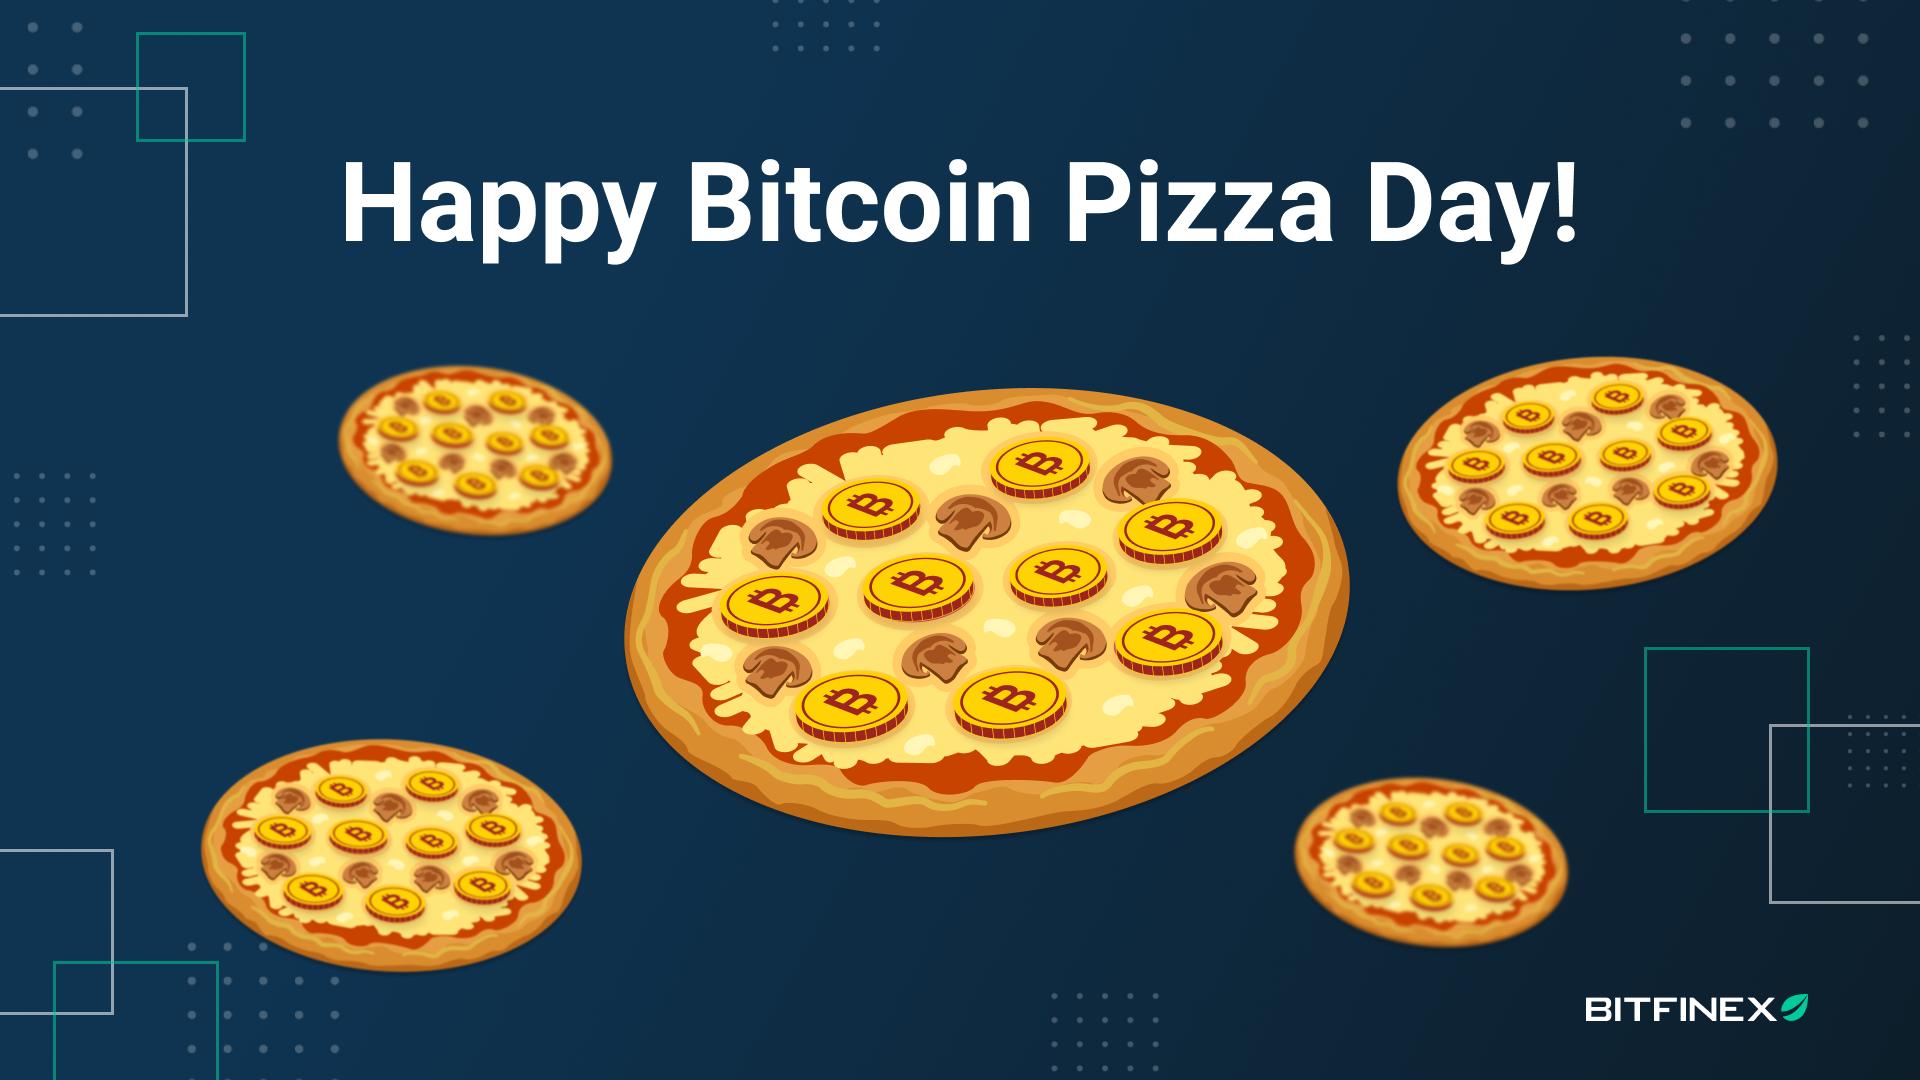 giorno della pizza bitcoin utenti bitcoin per paese